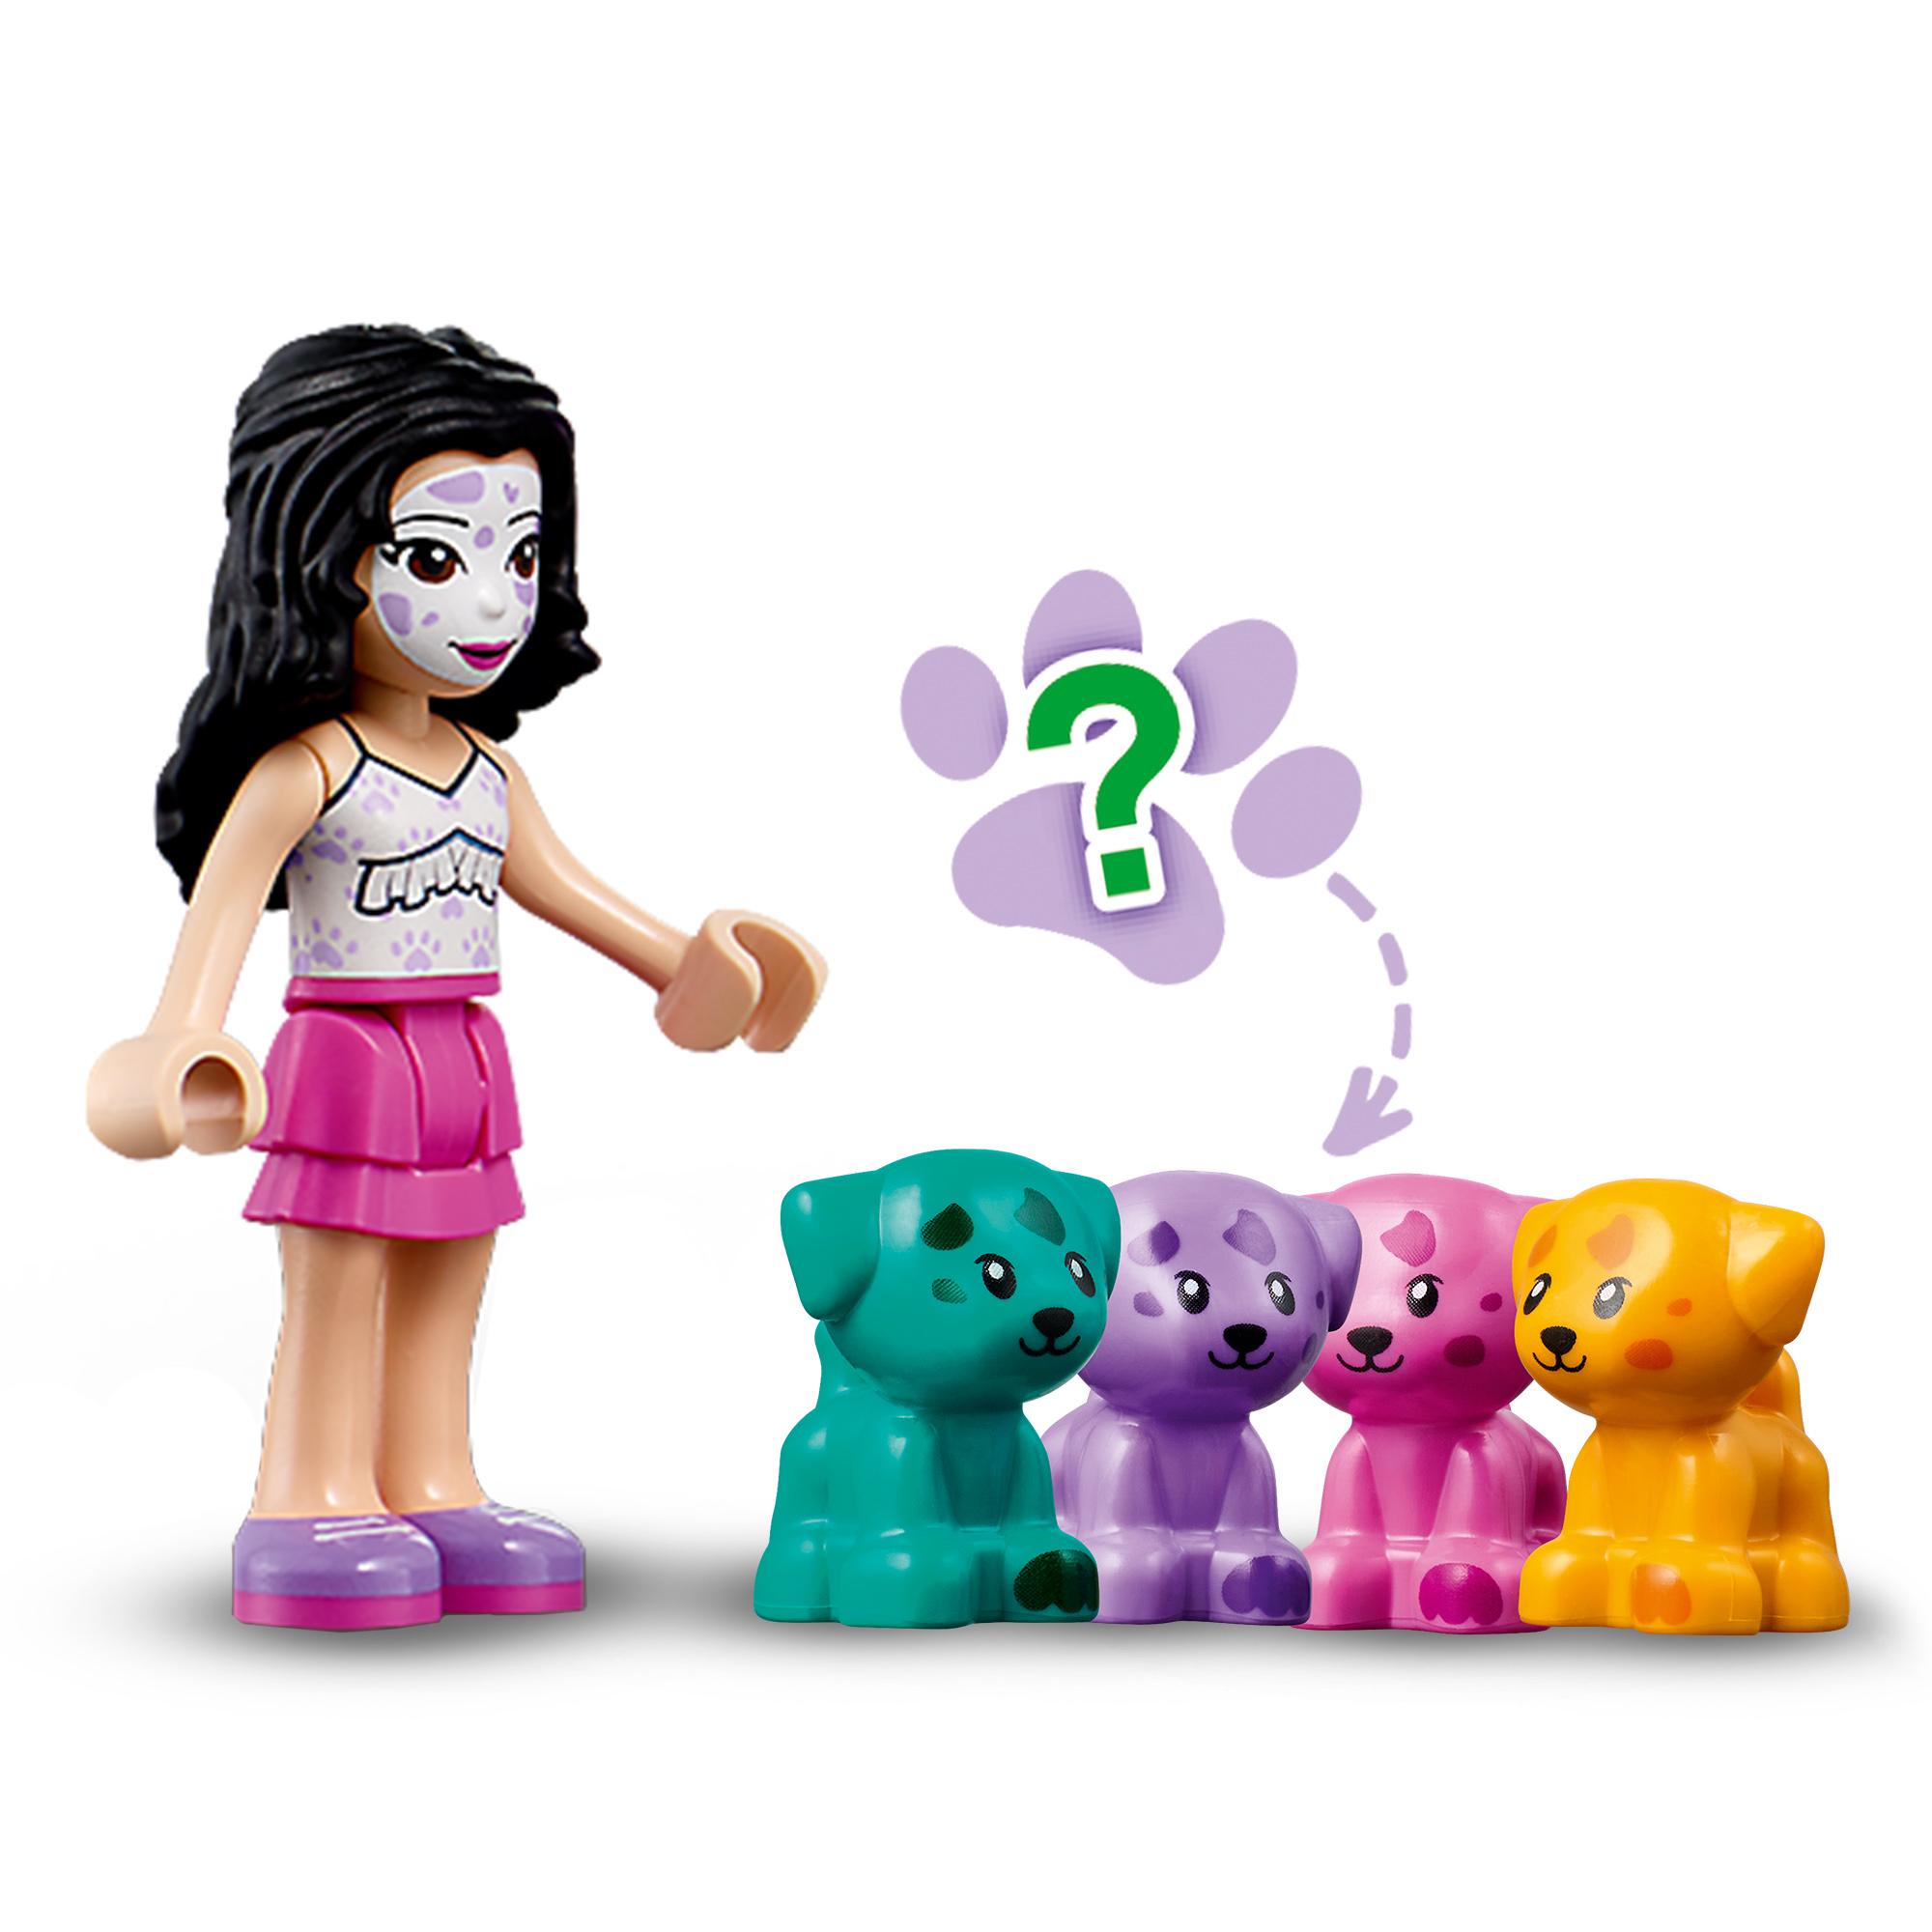 Lego friends il cubo del dalmata di emma - 41663 - Friends, LEGO FRIENDS